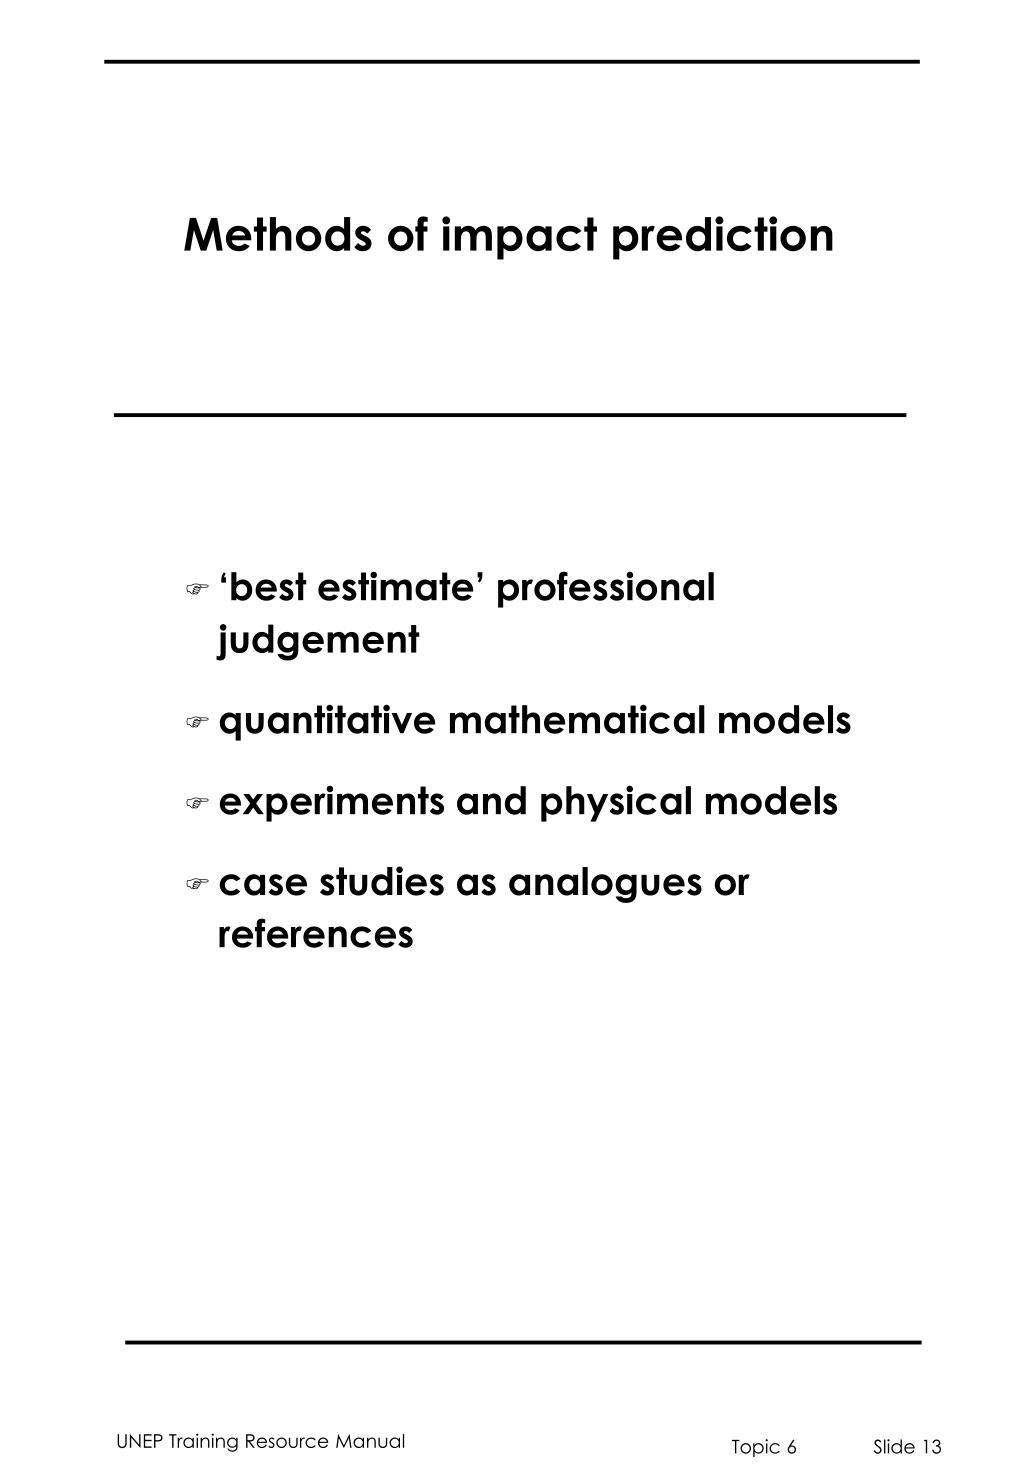 Methods of impact prediction